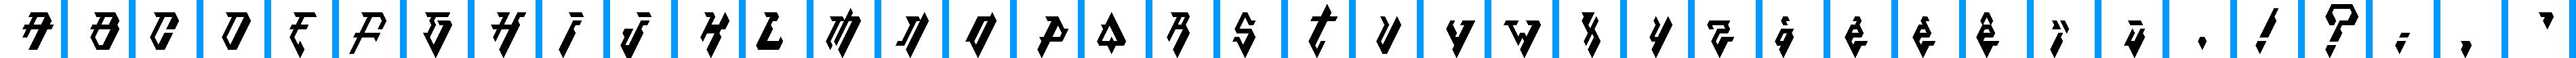 Particip-a-type v.29